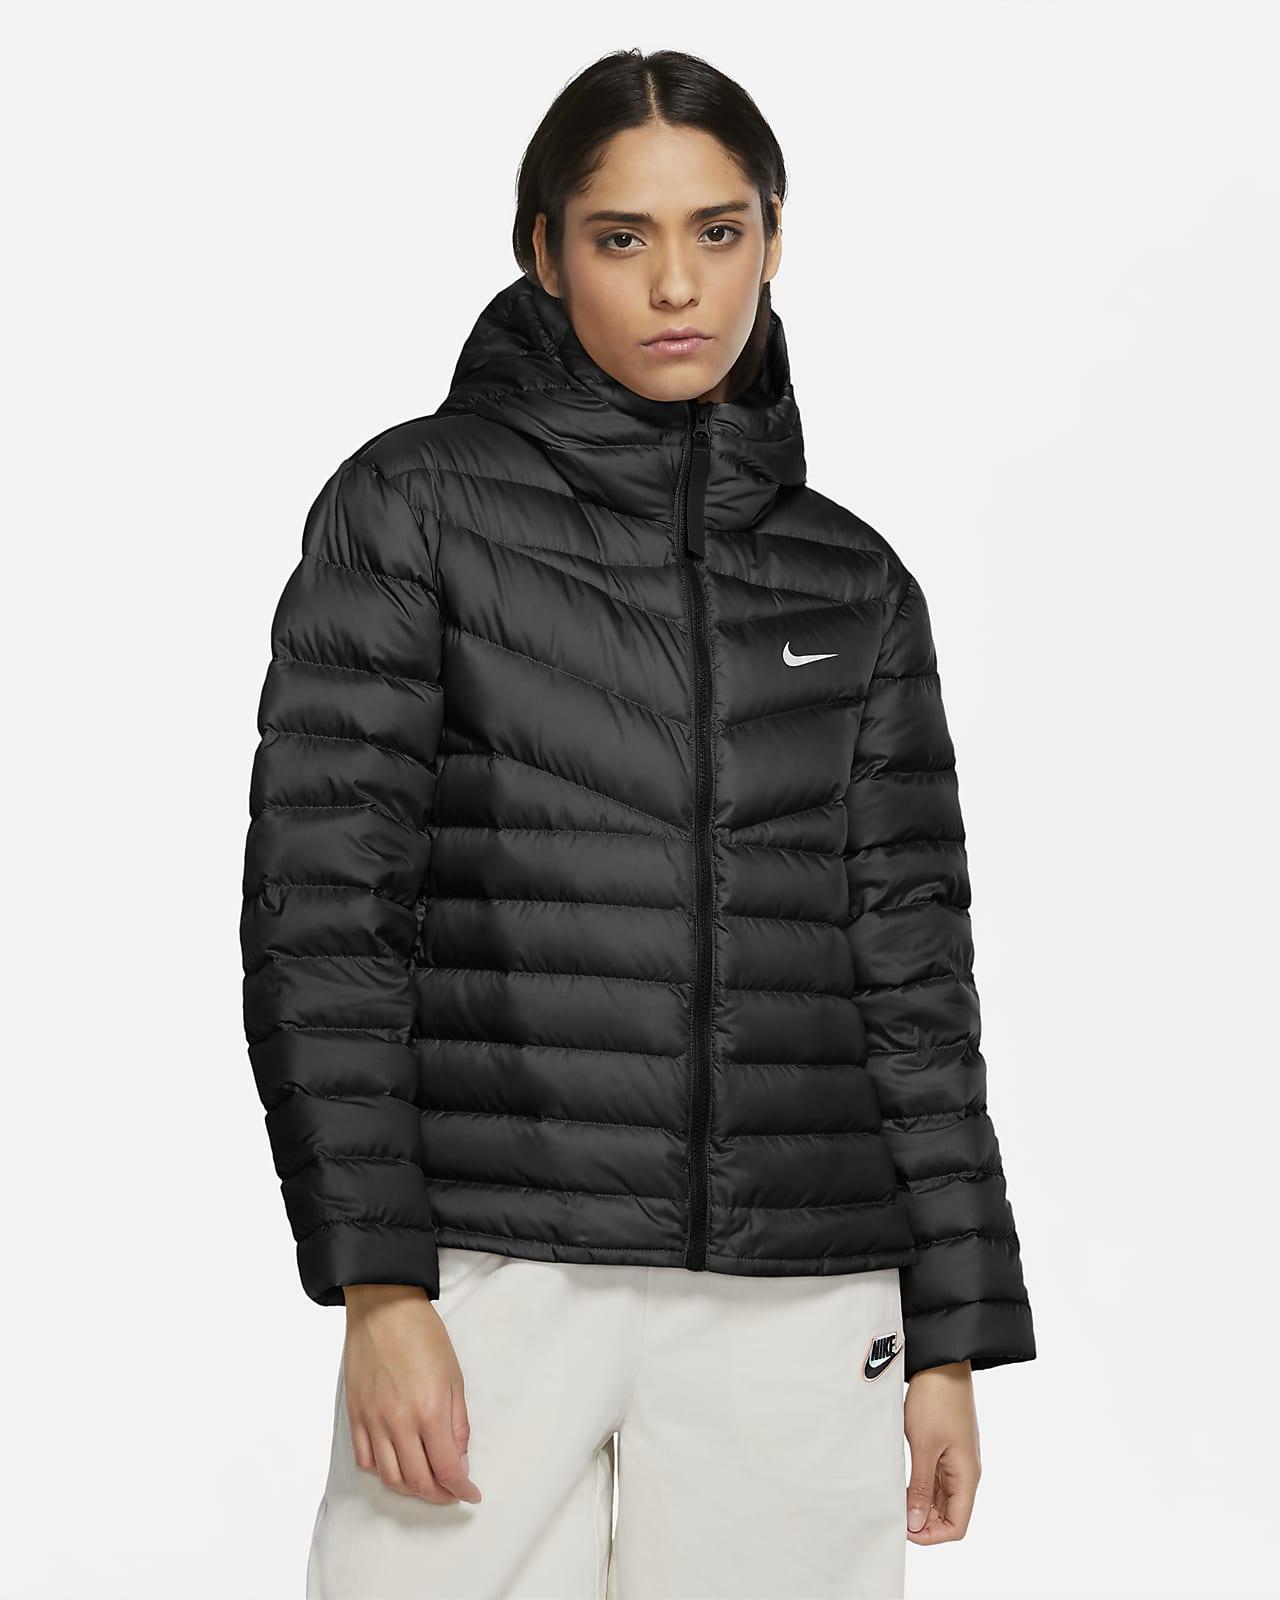 Nike Windrunner Down Jacket, dunjakke dame Svart